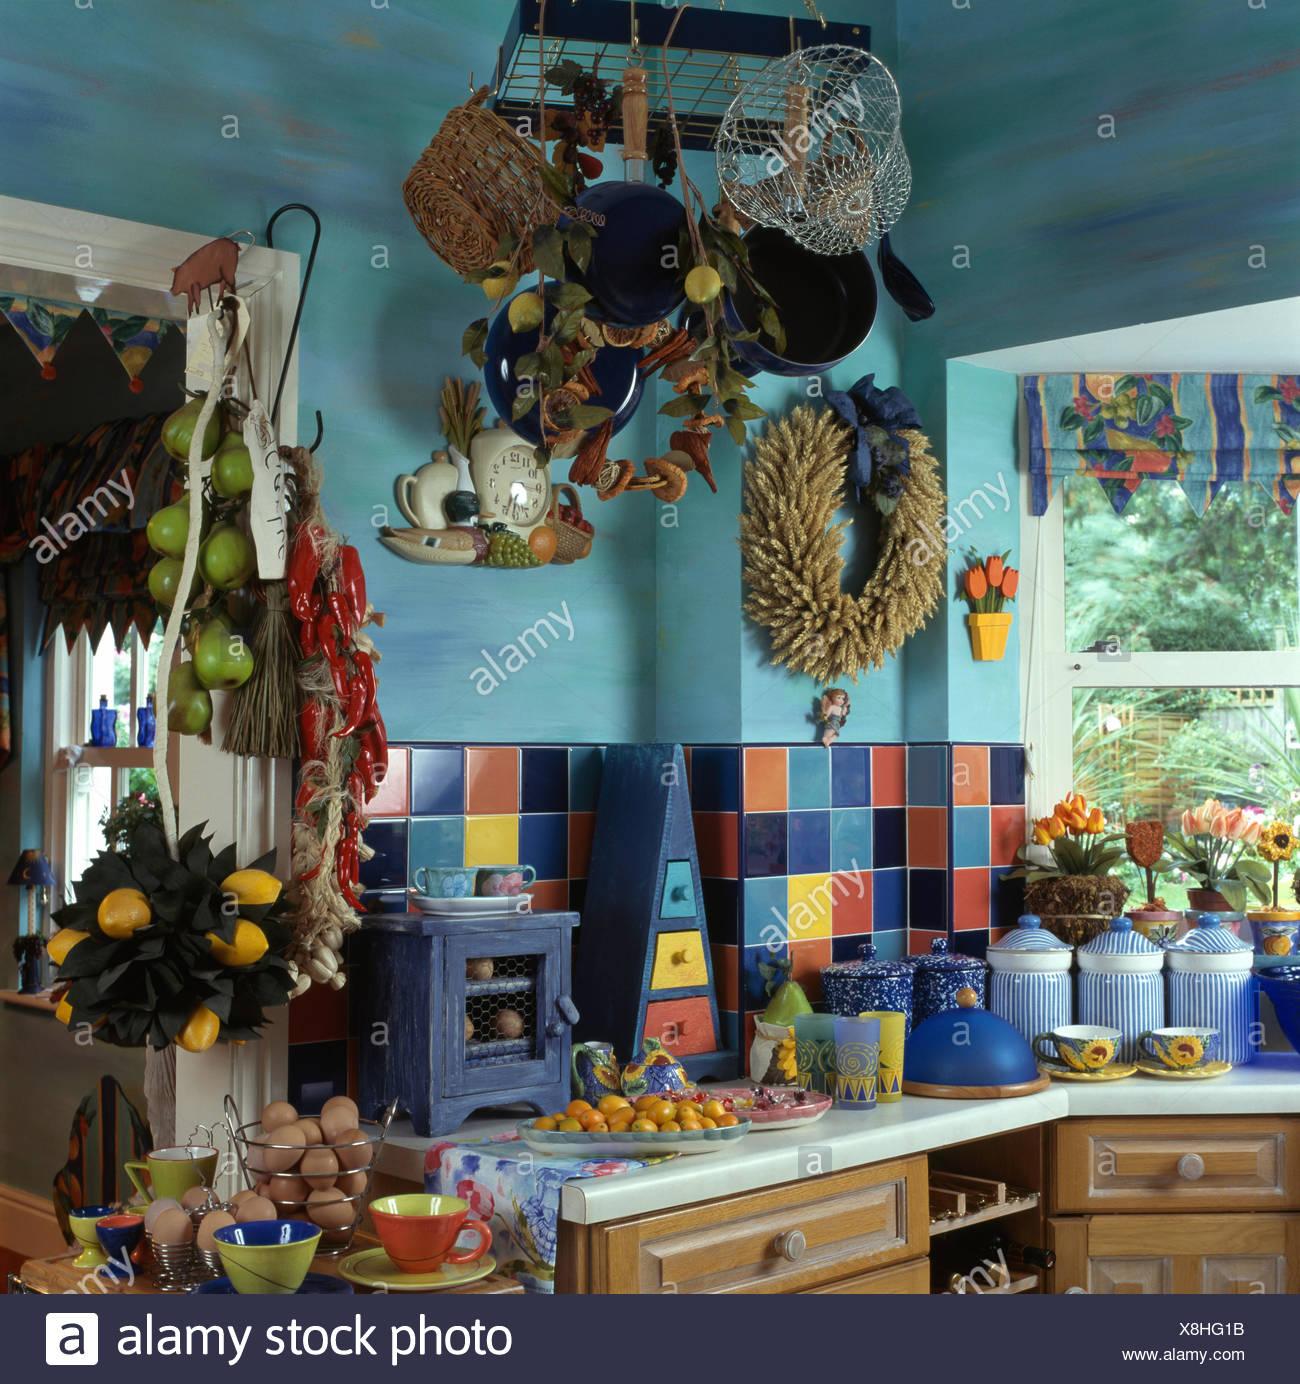 Bunte Kacheln Auf Splash Zurück In Einer Kleinen Blauen überladen Der  Neunziger Jahre Küche Mit Körben Und Töpfen Auf Hängenden Rack